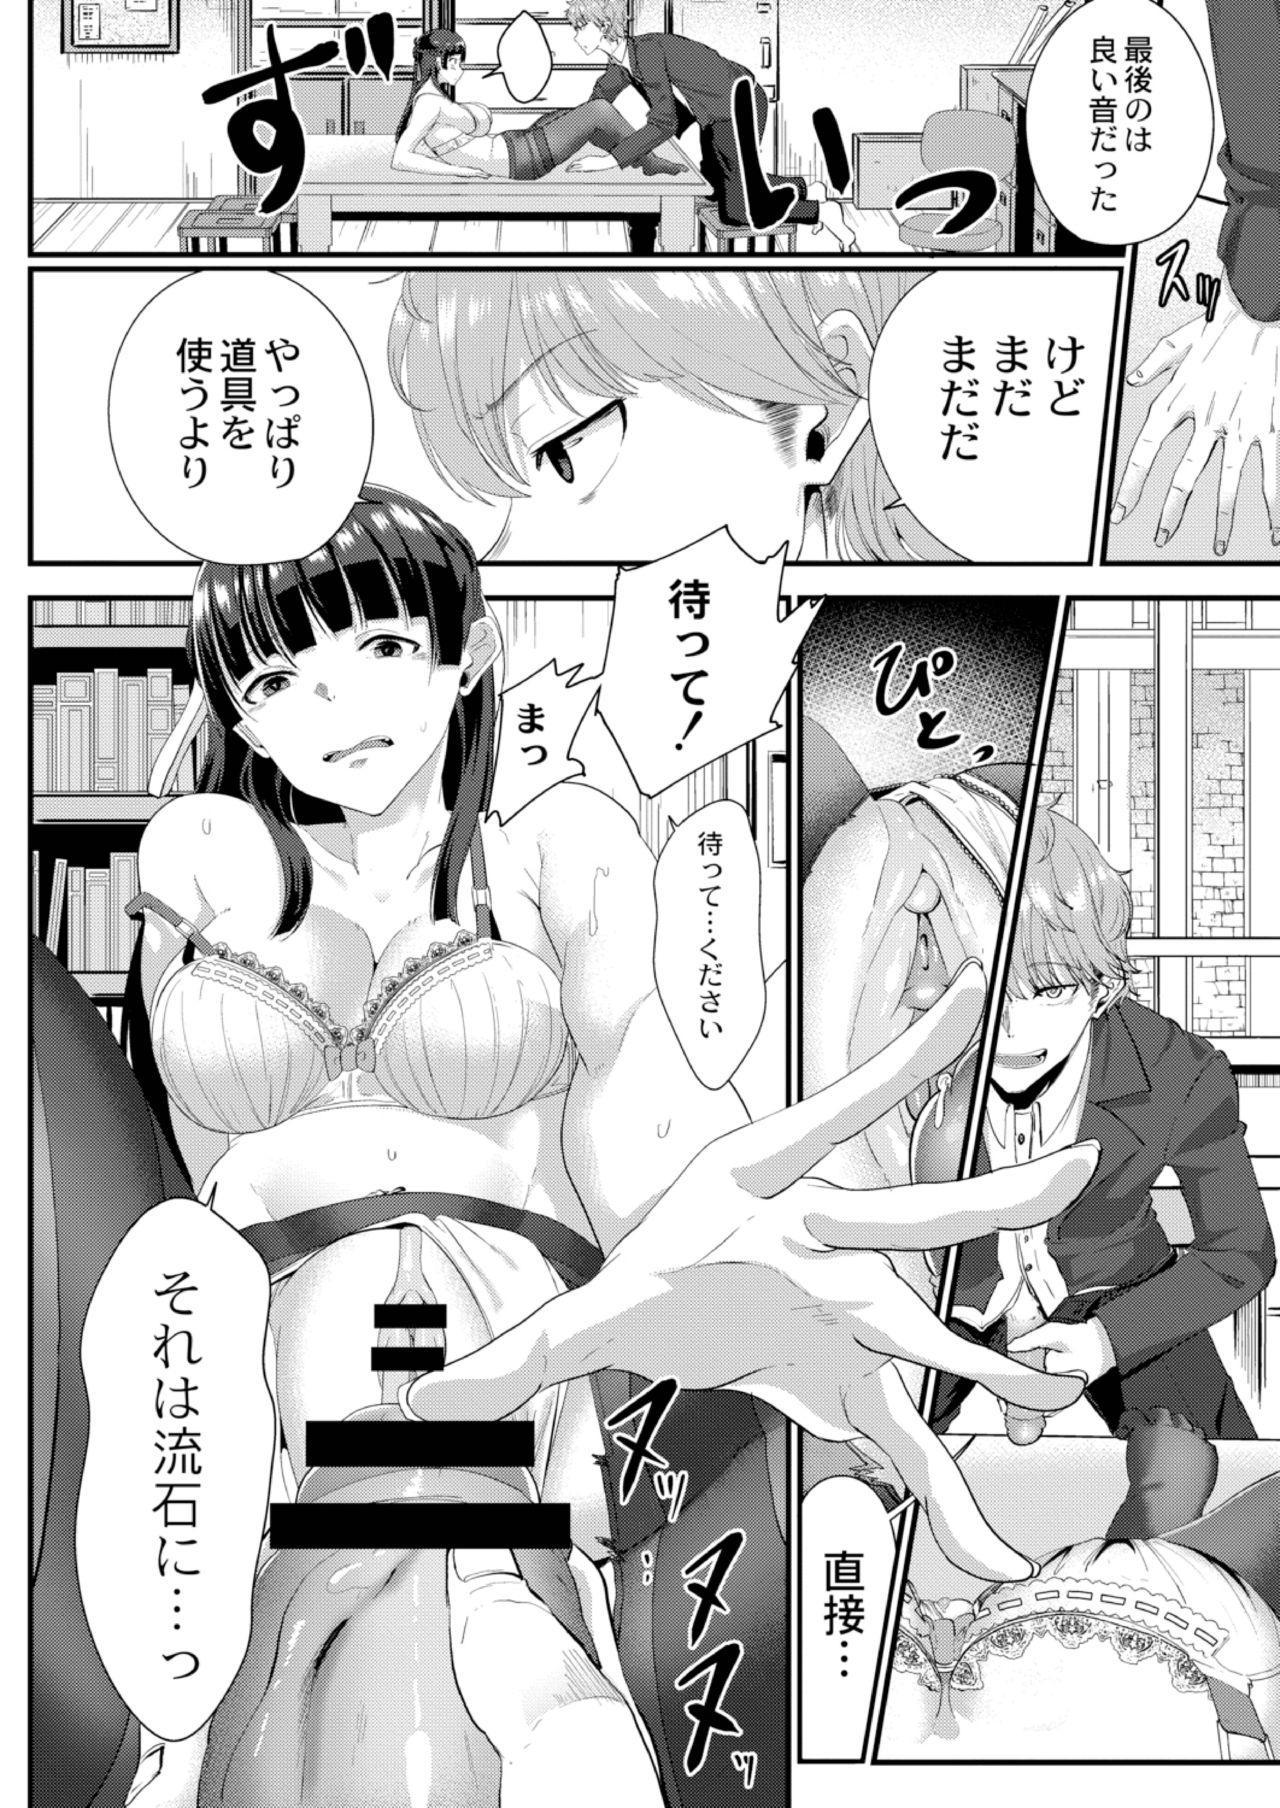 Ryoujoku Ongaku Shojo 2 Violinist Kanade no Kojin Lesson 13